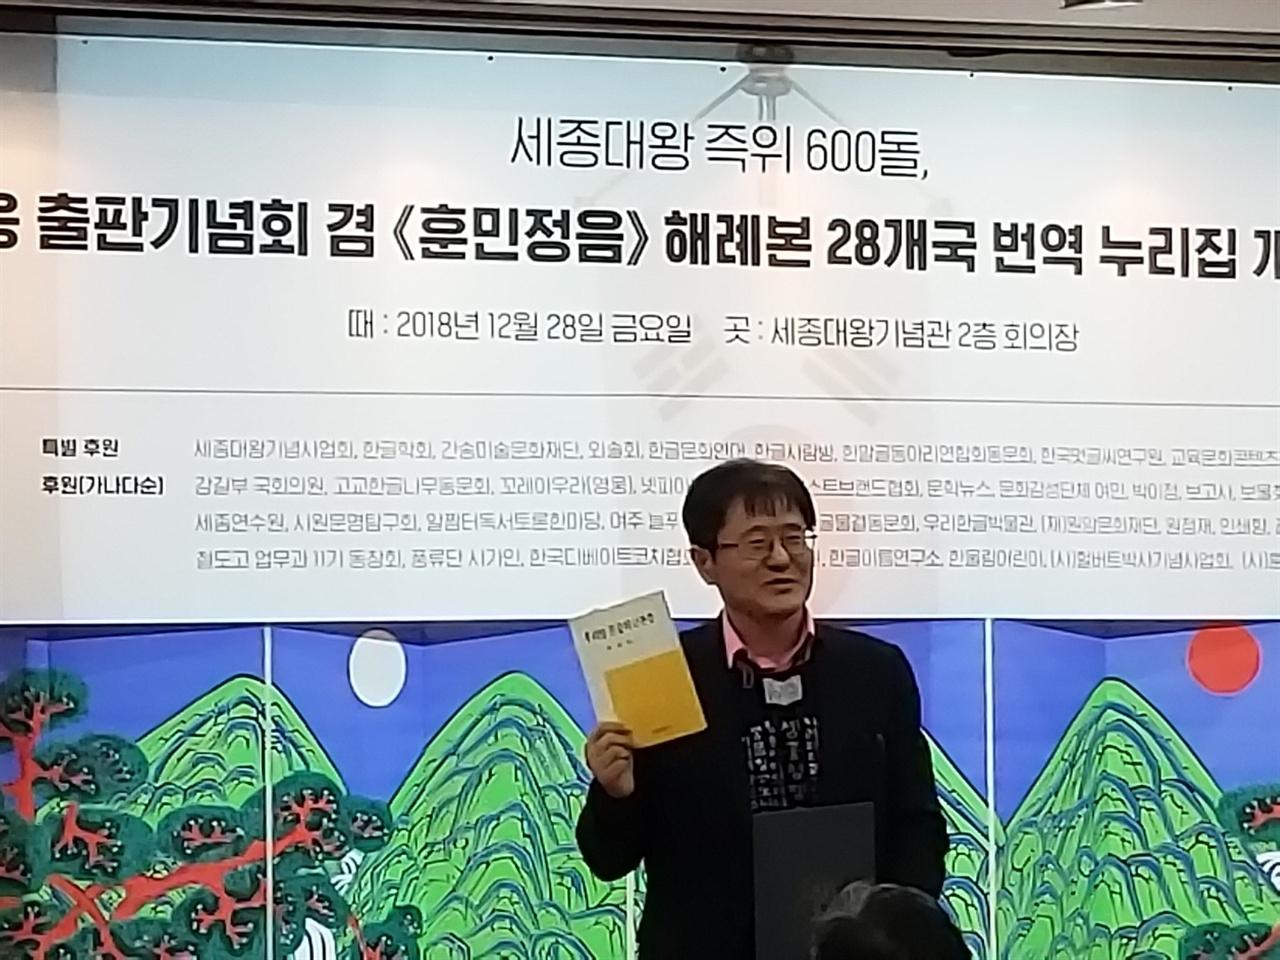 김슬옹 박사의 '28분 강연 쇼' '28분 강연 쇼'를 하고 있는 김슬옹 박사의 사진이다.